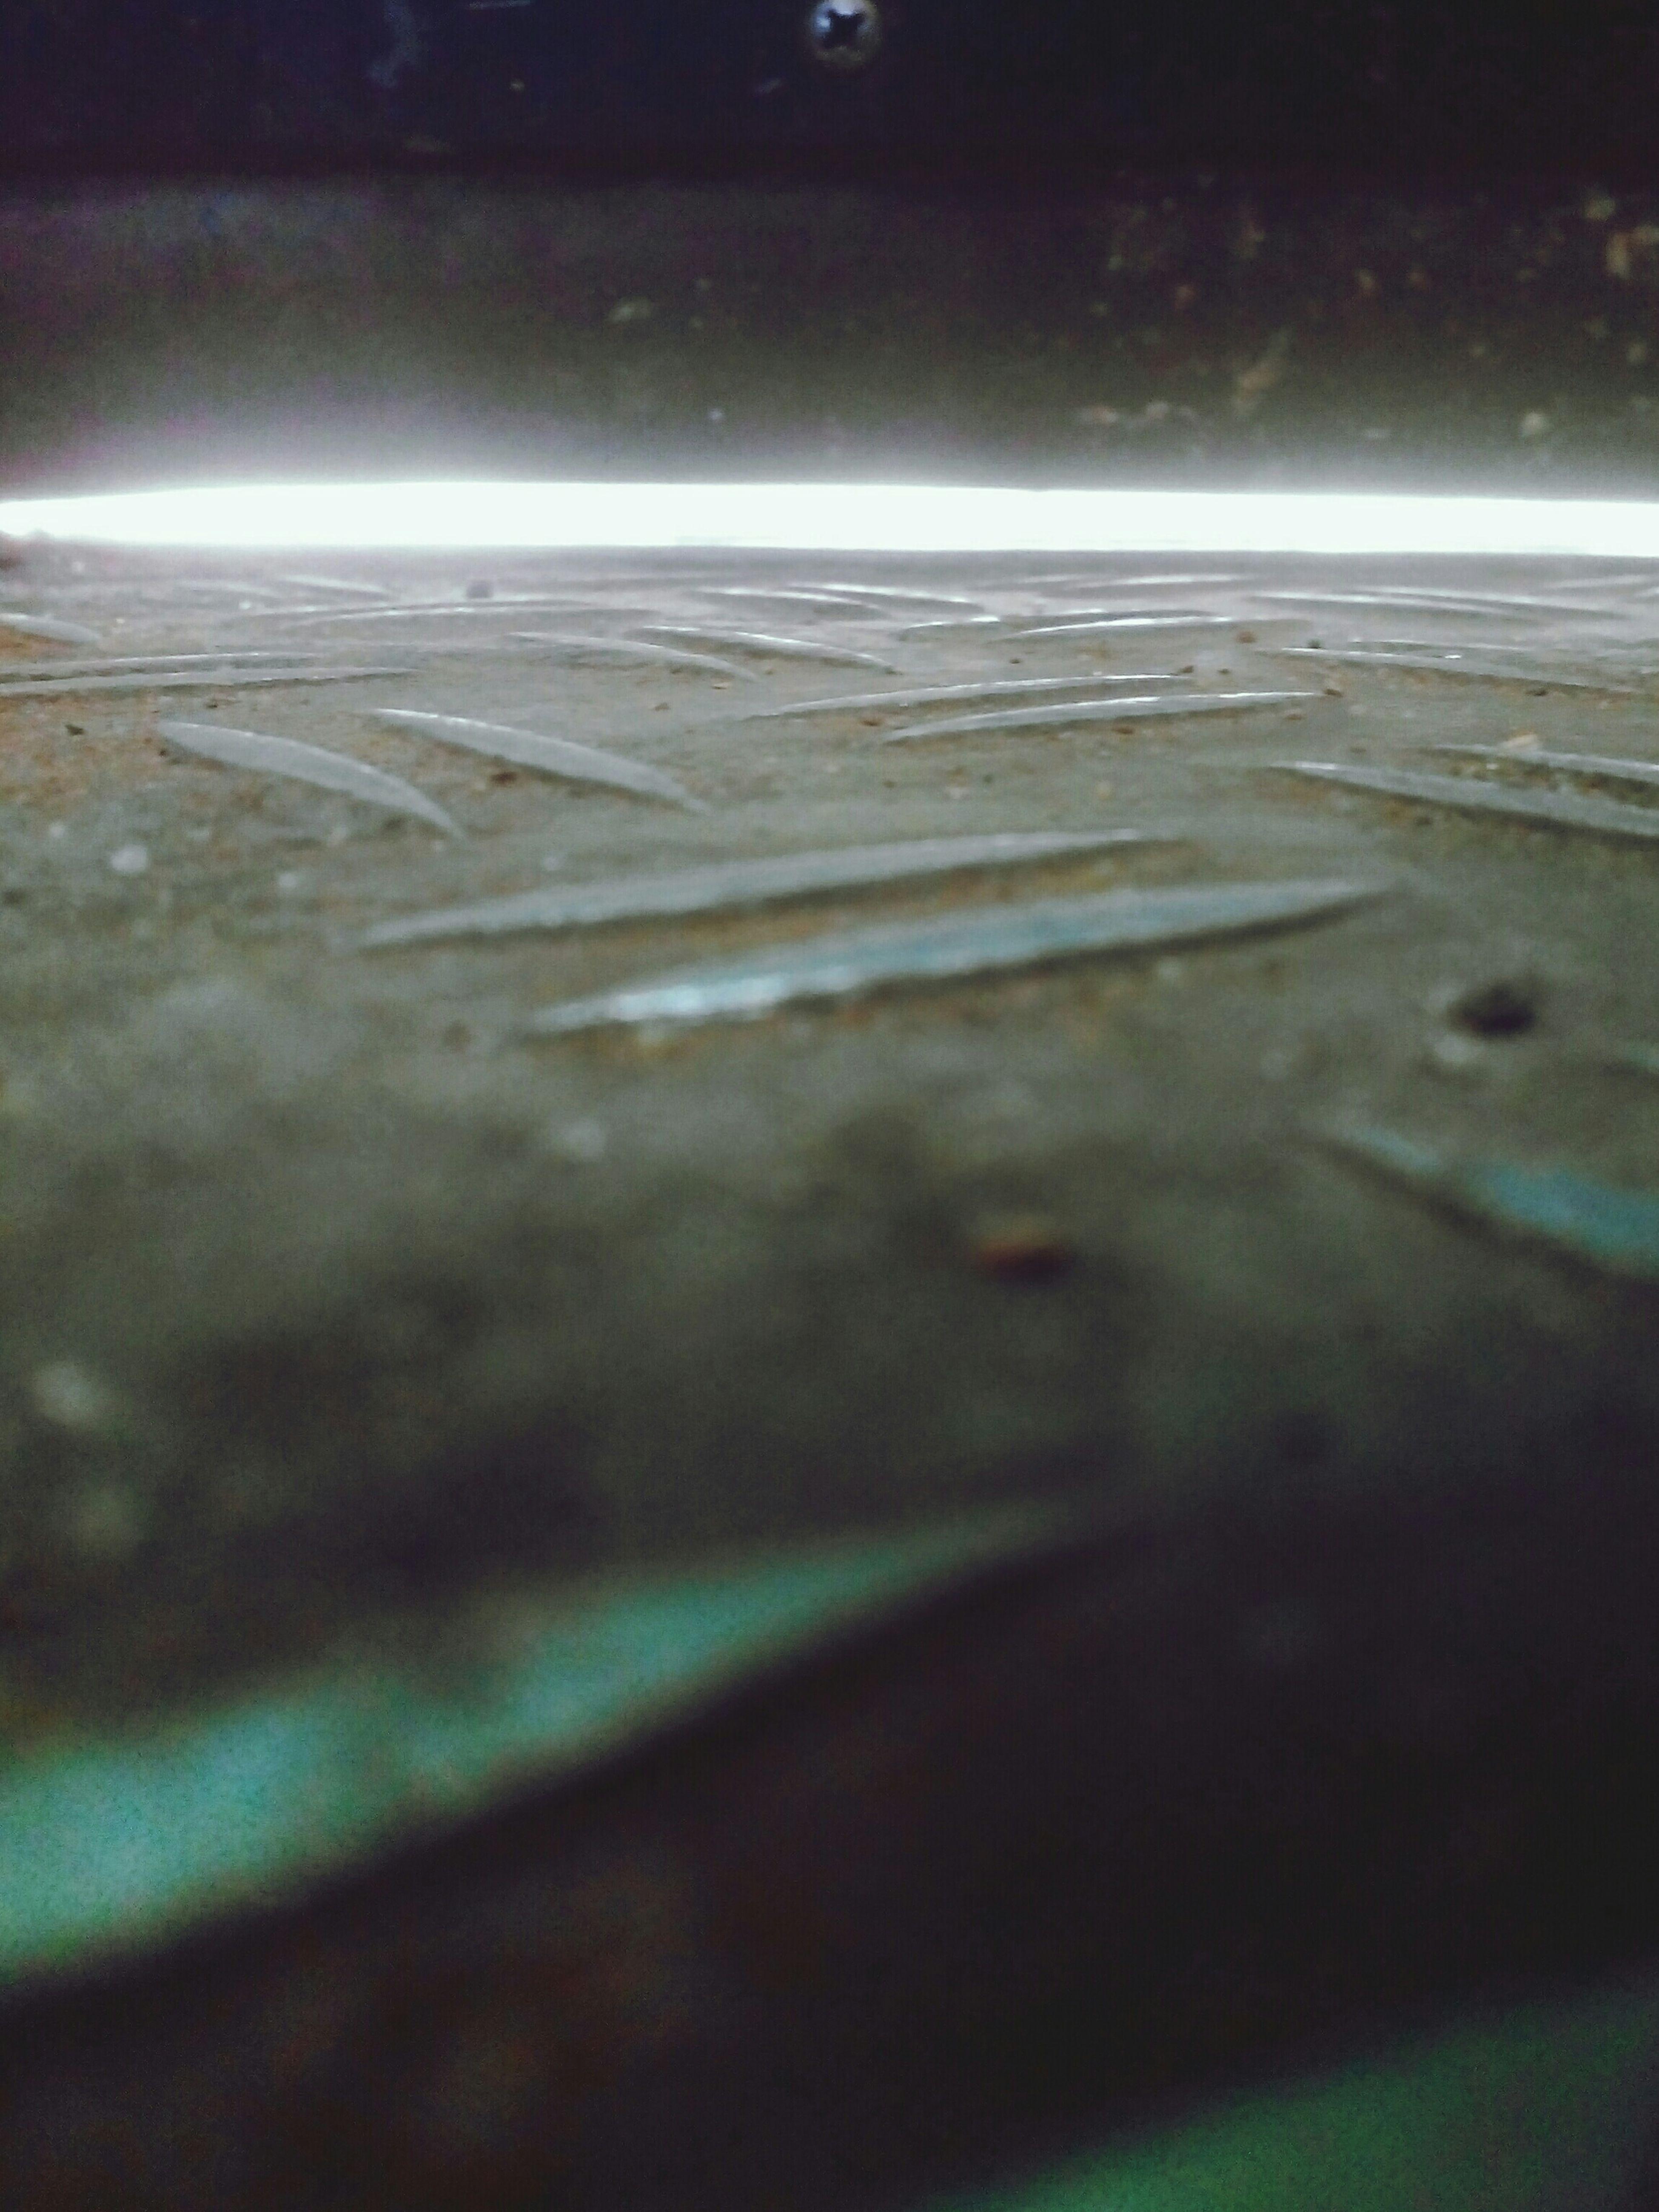 Metro Station Metro Photo Metrostation Metro Life Metro Textures And Surfaces Surface Structure Texture And Surfaces Surfacedesign Surface Texture